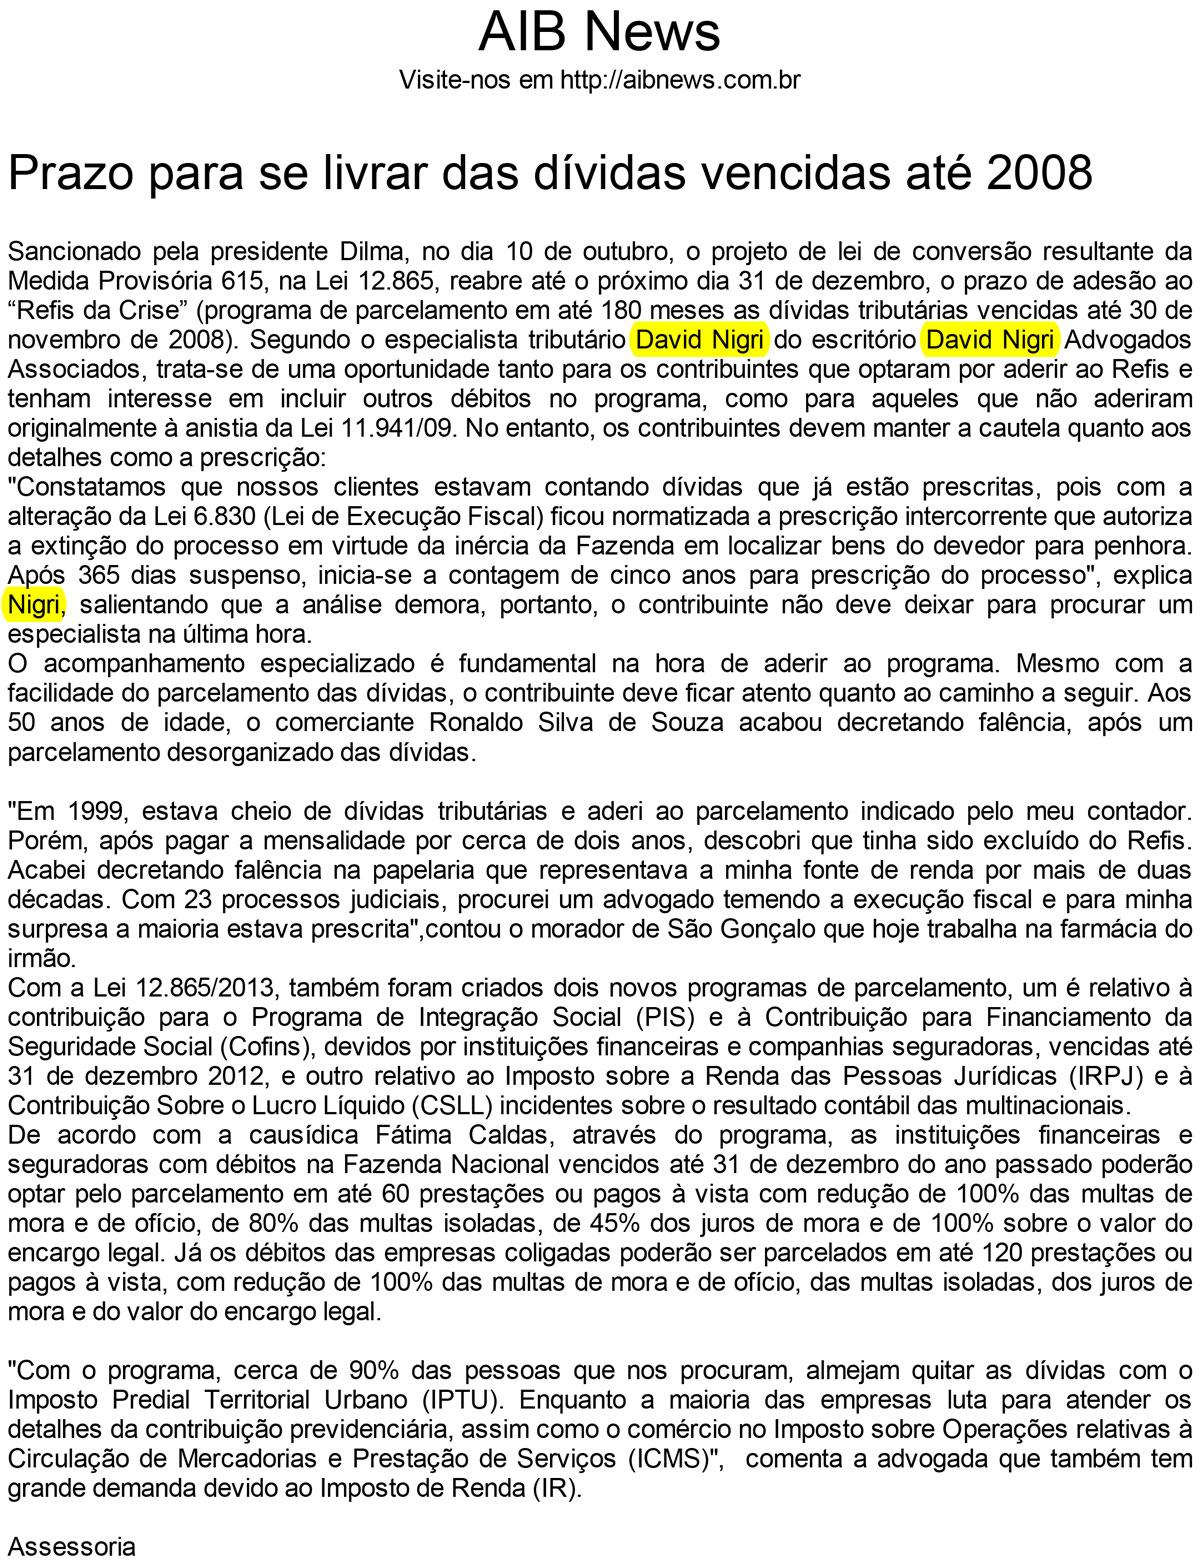 AIB-News-Prazo-para-se-livrar-das-dividas-vencidas-ate-2008